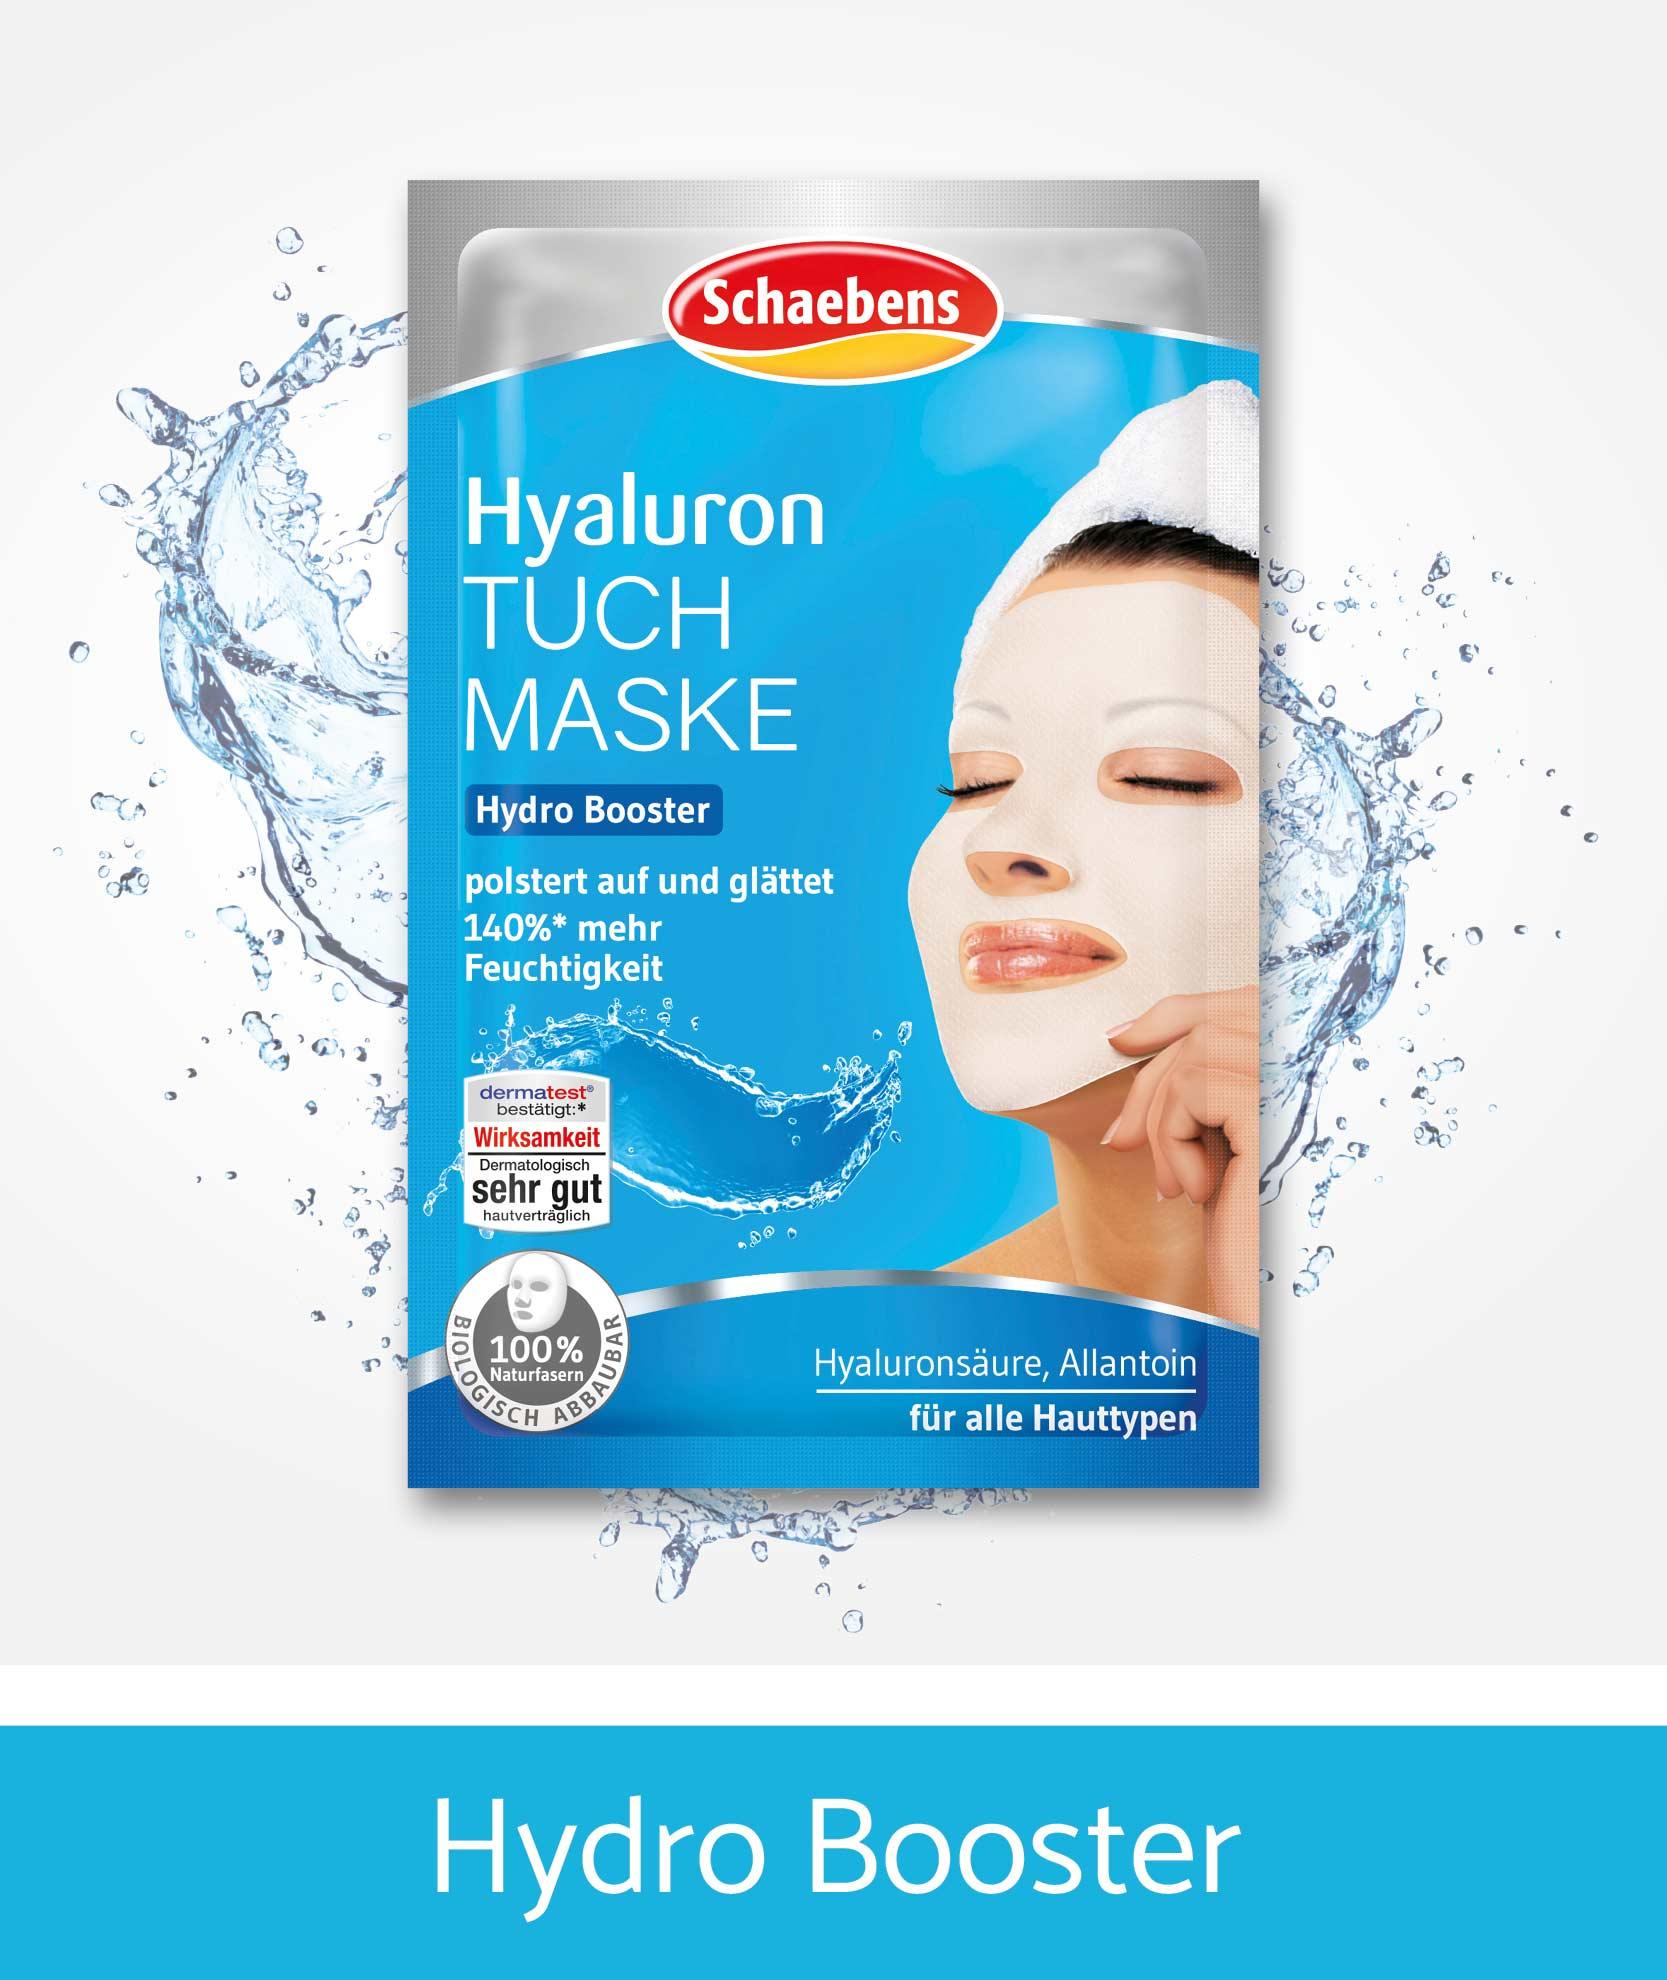 hyaluron-tuch-maske-von-schaebens